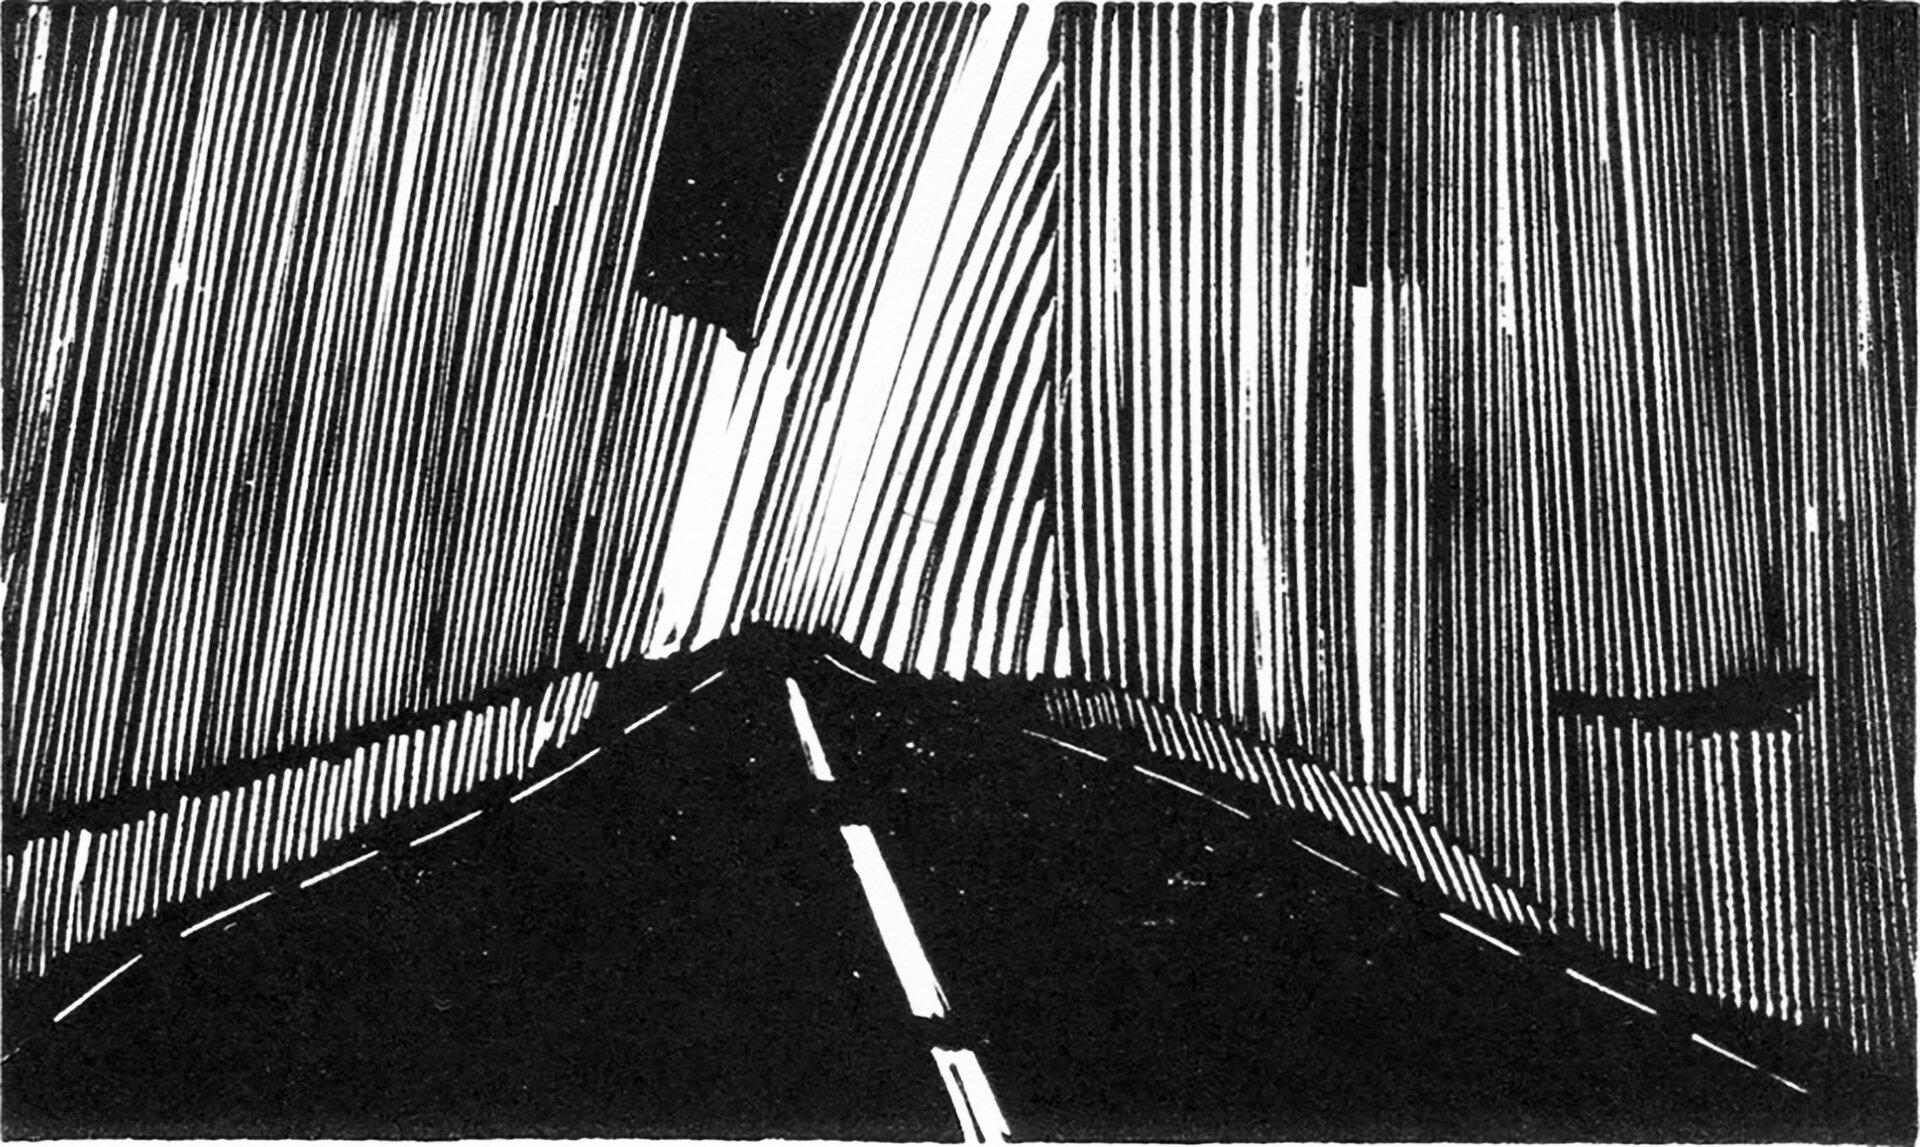 """Ilustracja przedstawia linoryt Michała Rygielskiego """"Droga IV"""". Ukazuje czarną jezdnię zbiałą, grubą, przerywaną linią pośrodku oraz cienkimi, przerywanymi liniami na poboczach. Po bobach zamieszczone są pionowe, pochylone wróżnych kierunkach wąskie linie - prawe pochylone są wlewo, alewe wprawo."""